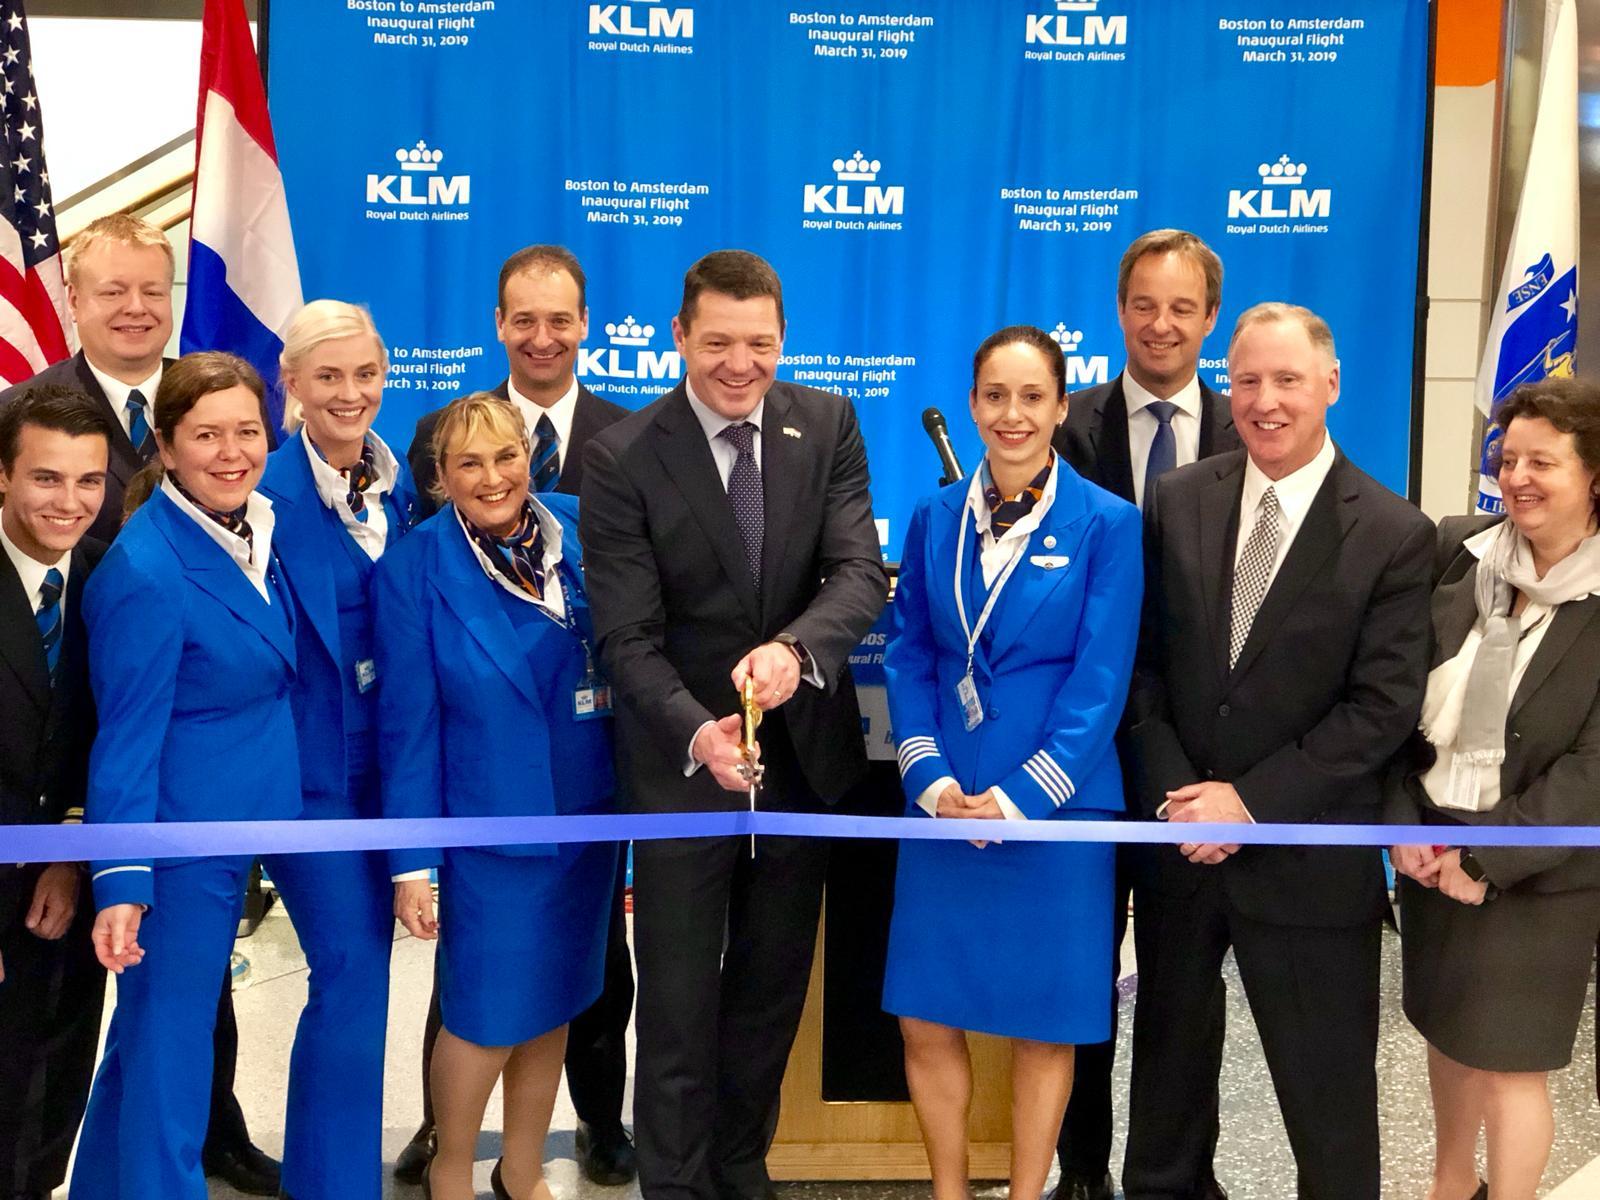 KLM markerer første afgang fra Amsterdam mod Boston. Ruten flyves i første omgang tre gange om ugen. Pressefoto.